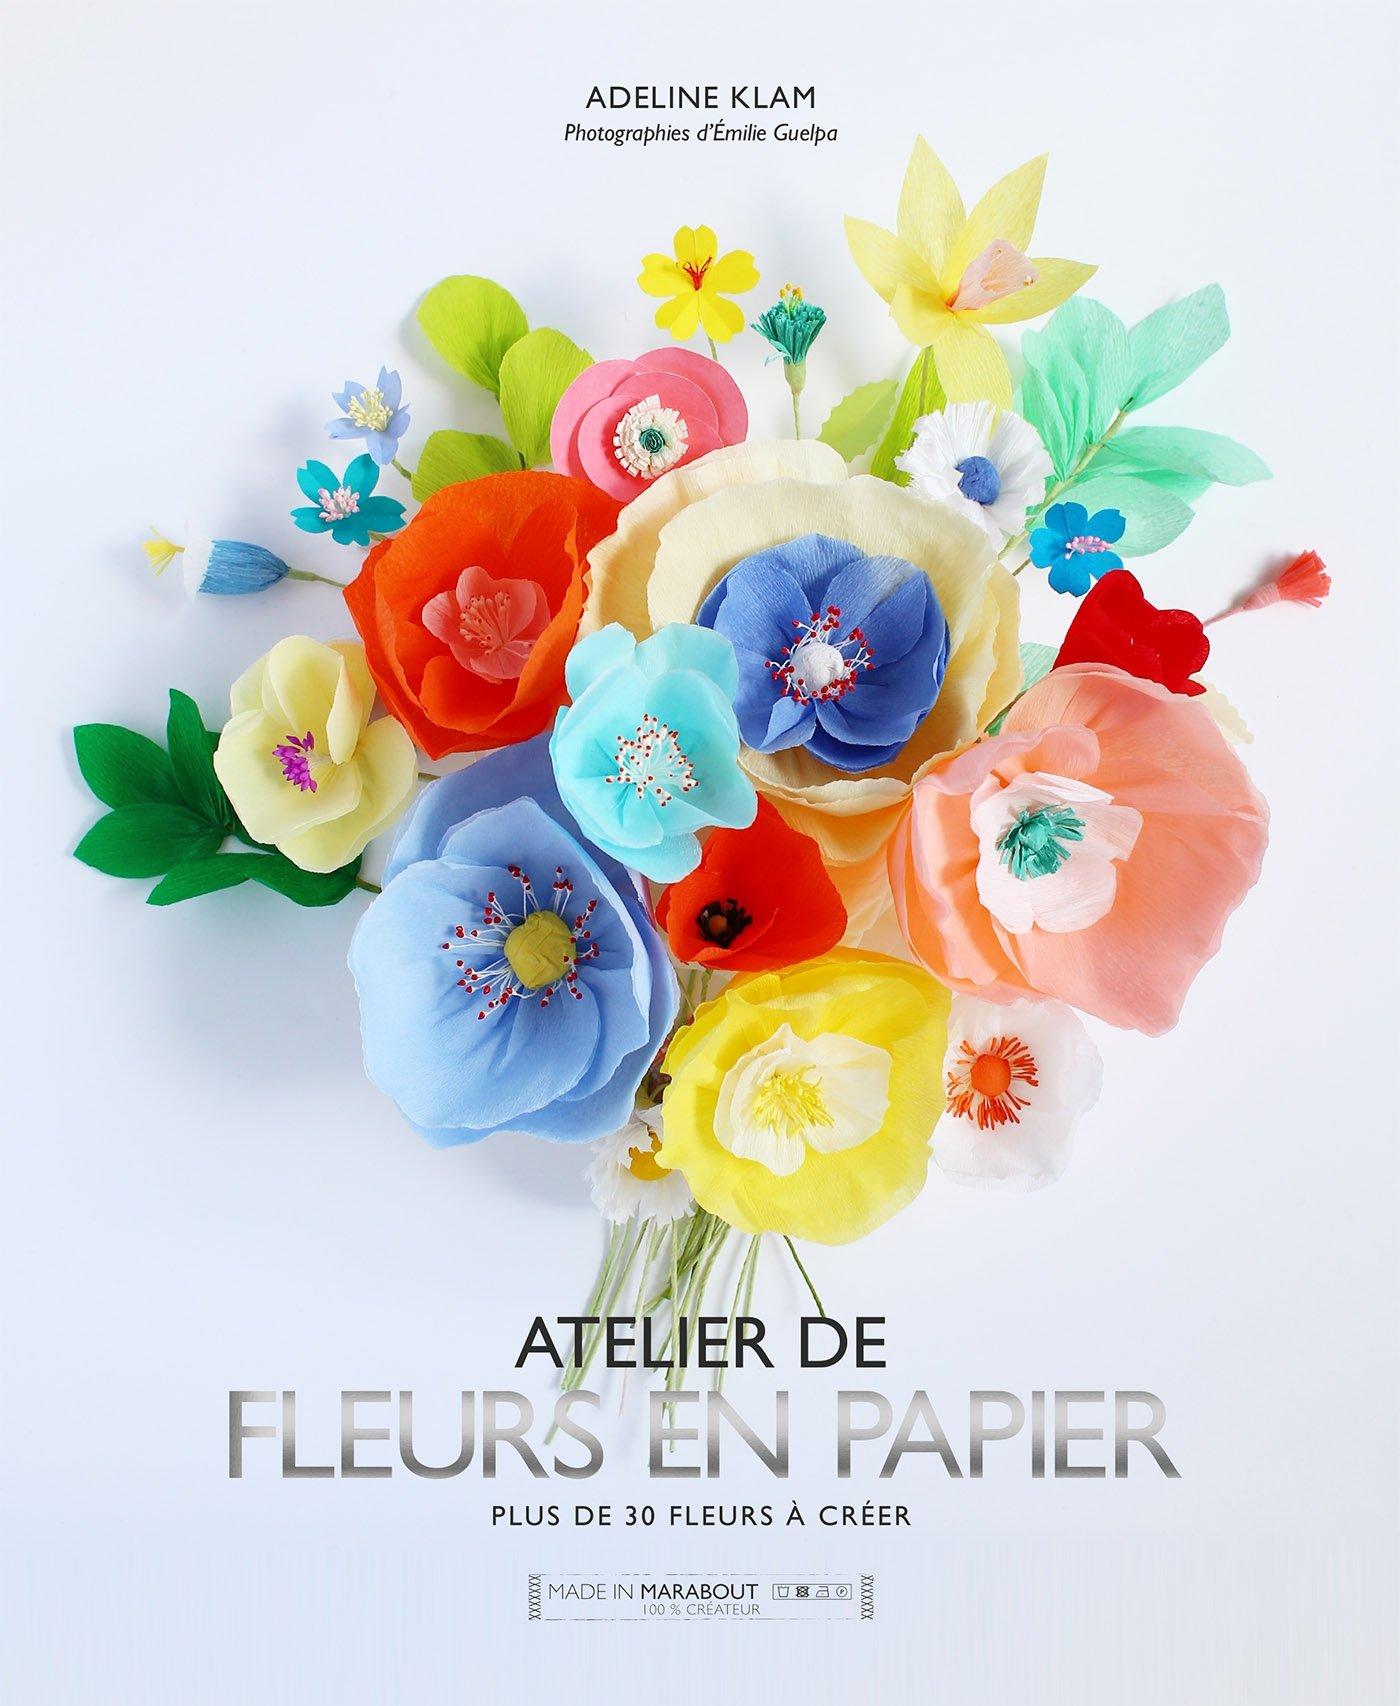 Amazon fleurs en papier pour fleurir avec dlicatesse votre amazon fleurs en papier pour fleurir avec dlicatesse votre intrieur adeline klam livres thecheapjerseys Image collections